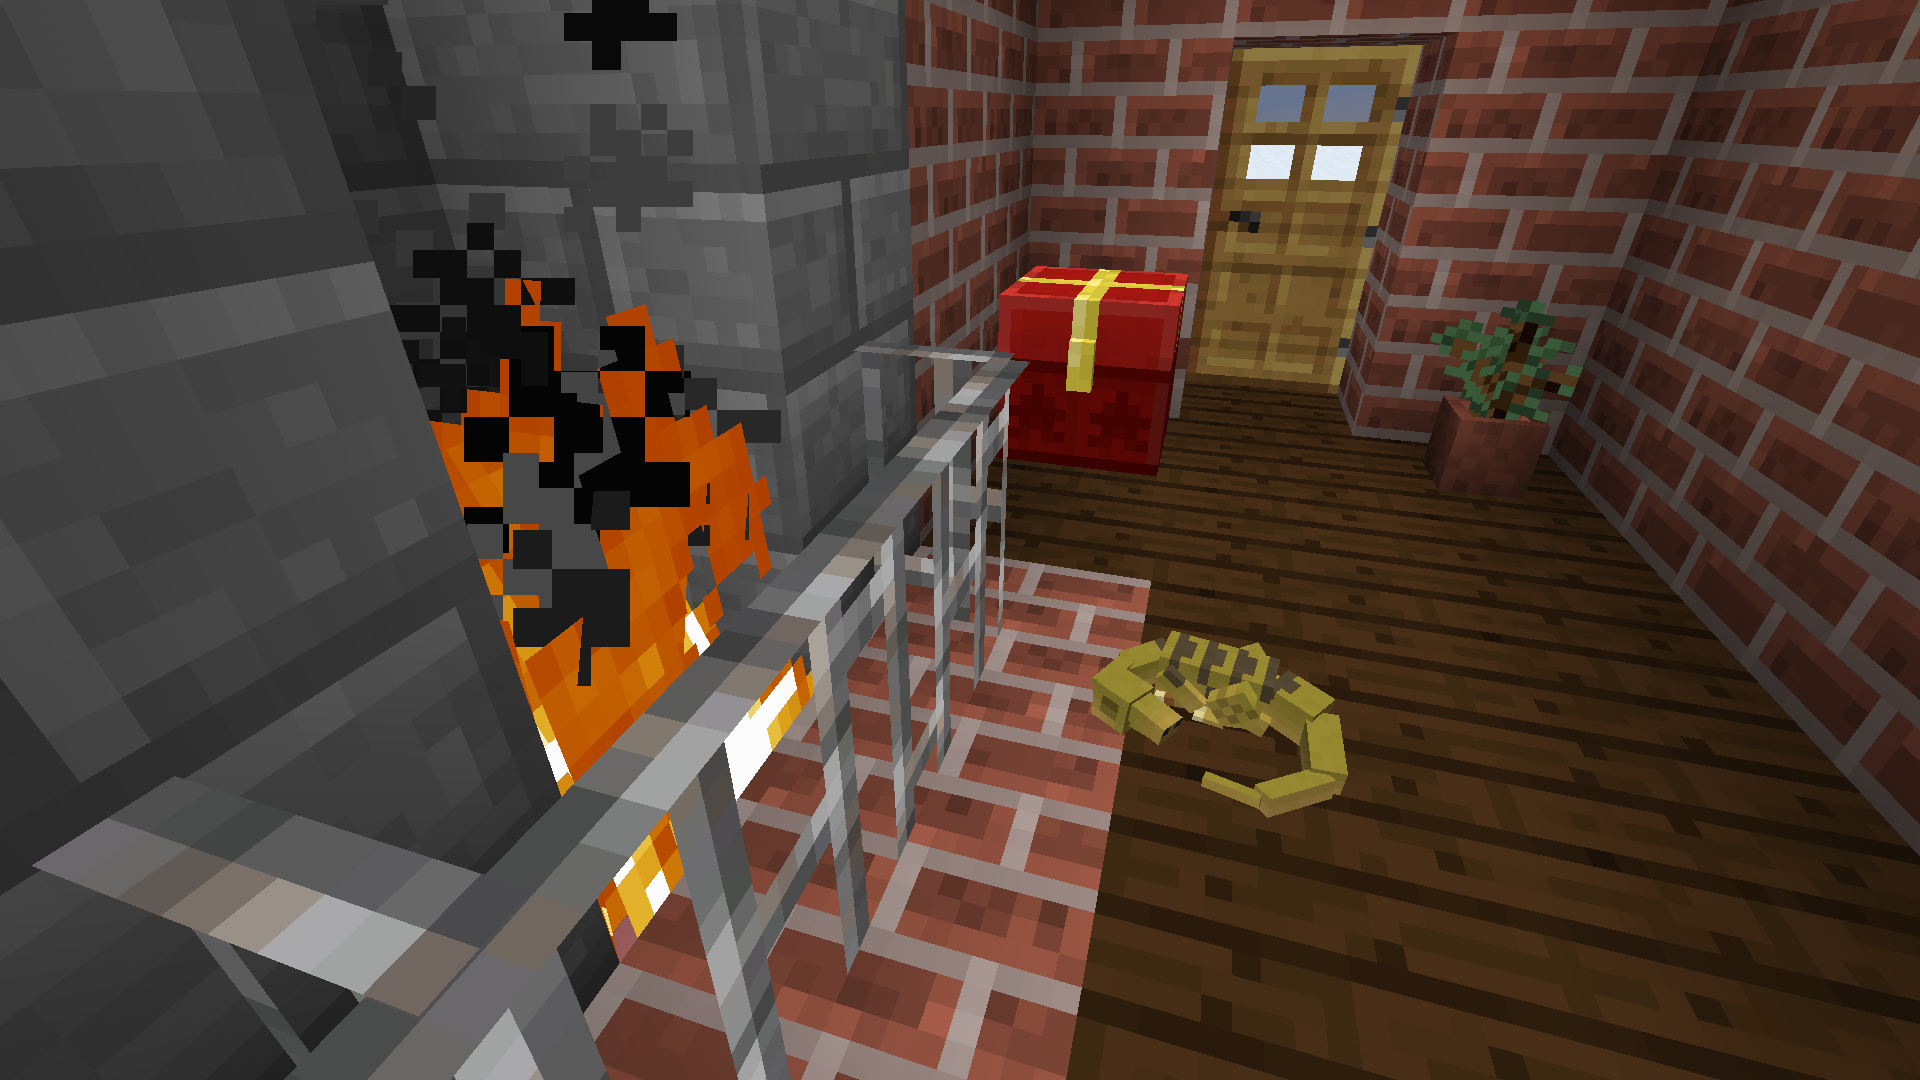 minecraft how to make a dinosaur egg no mods